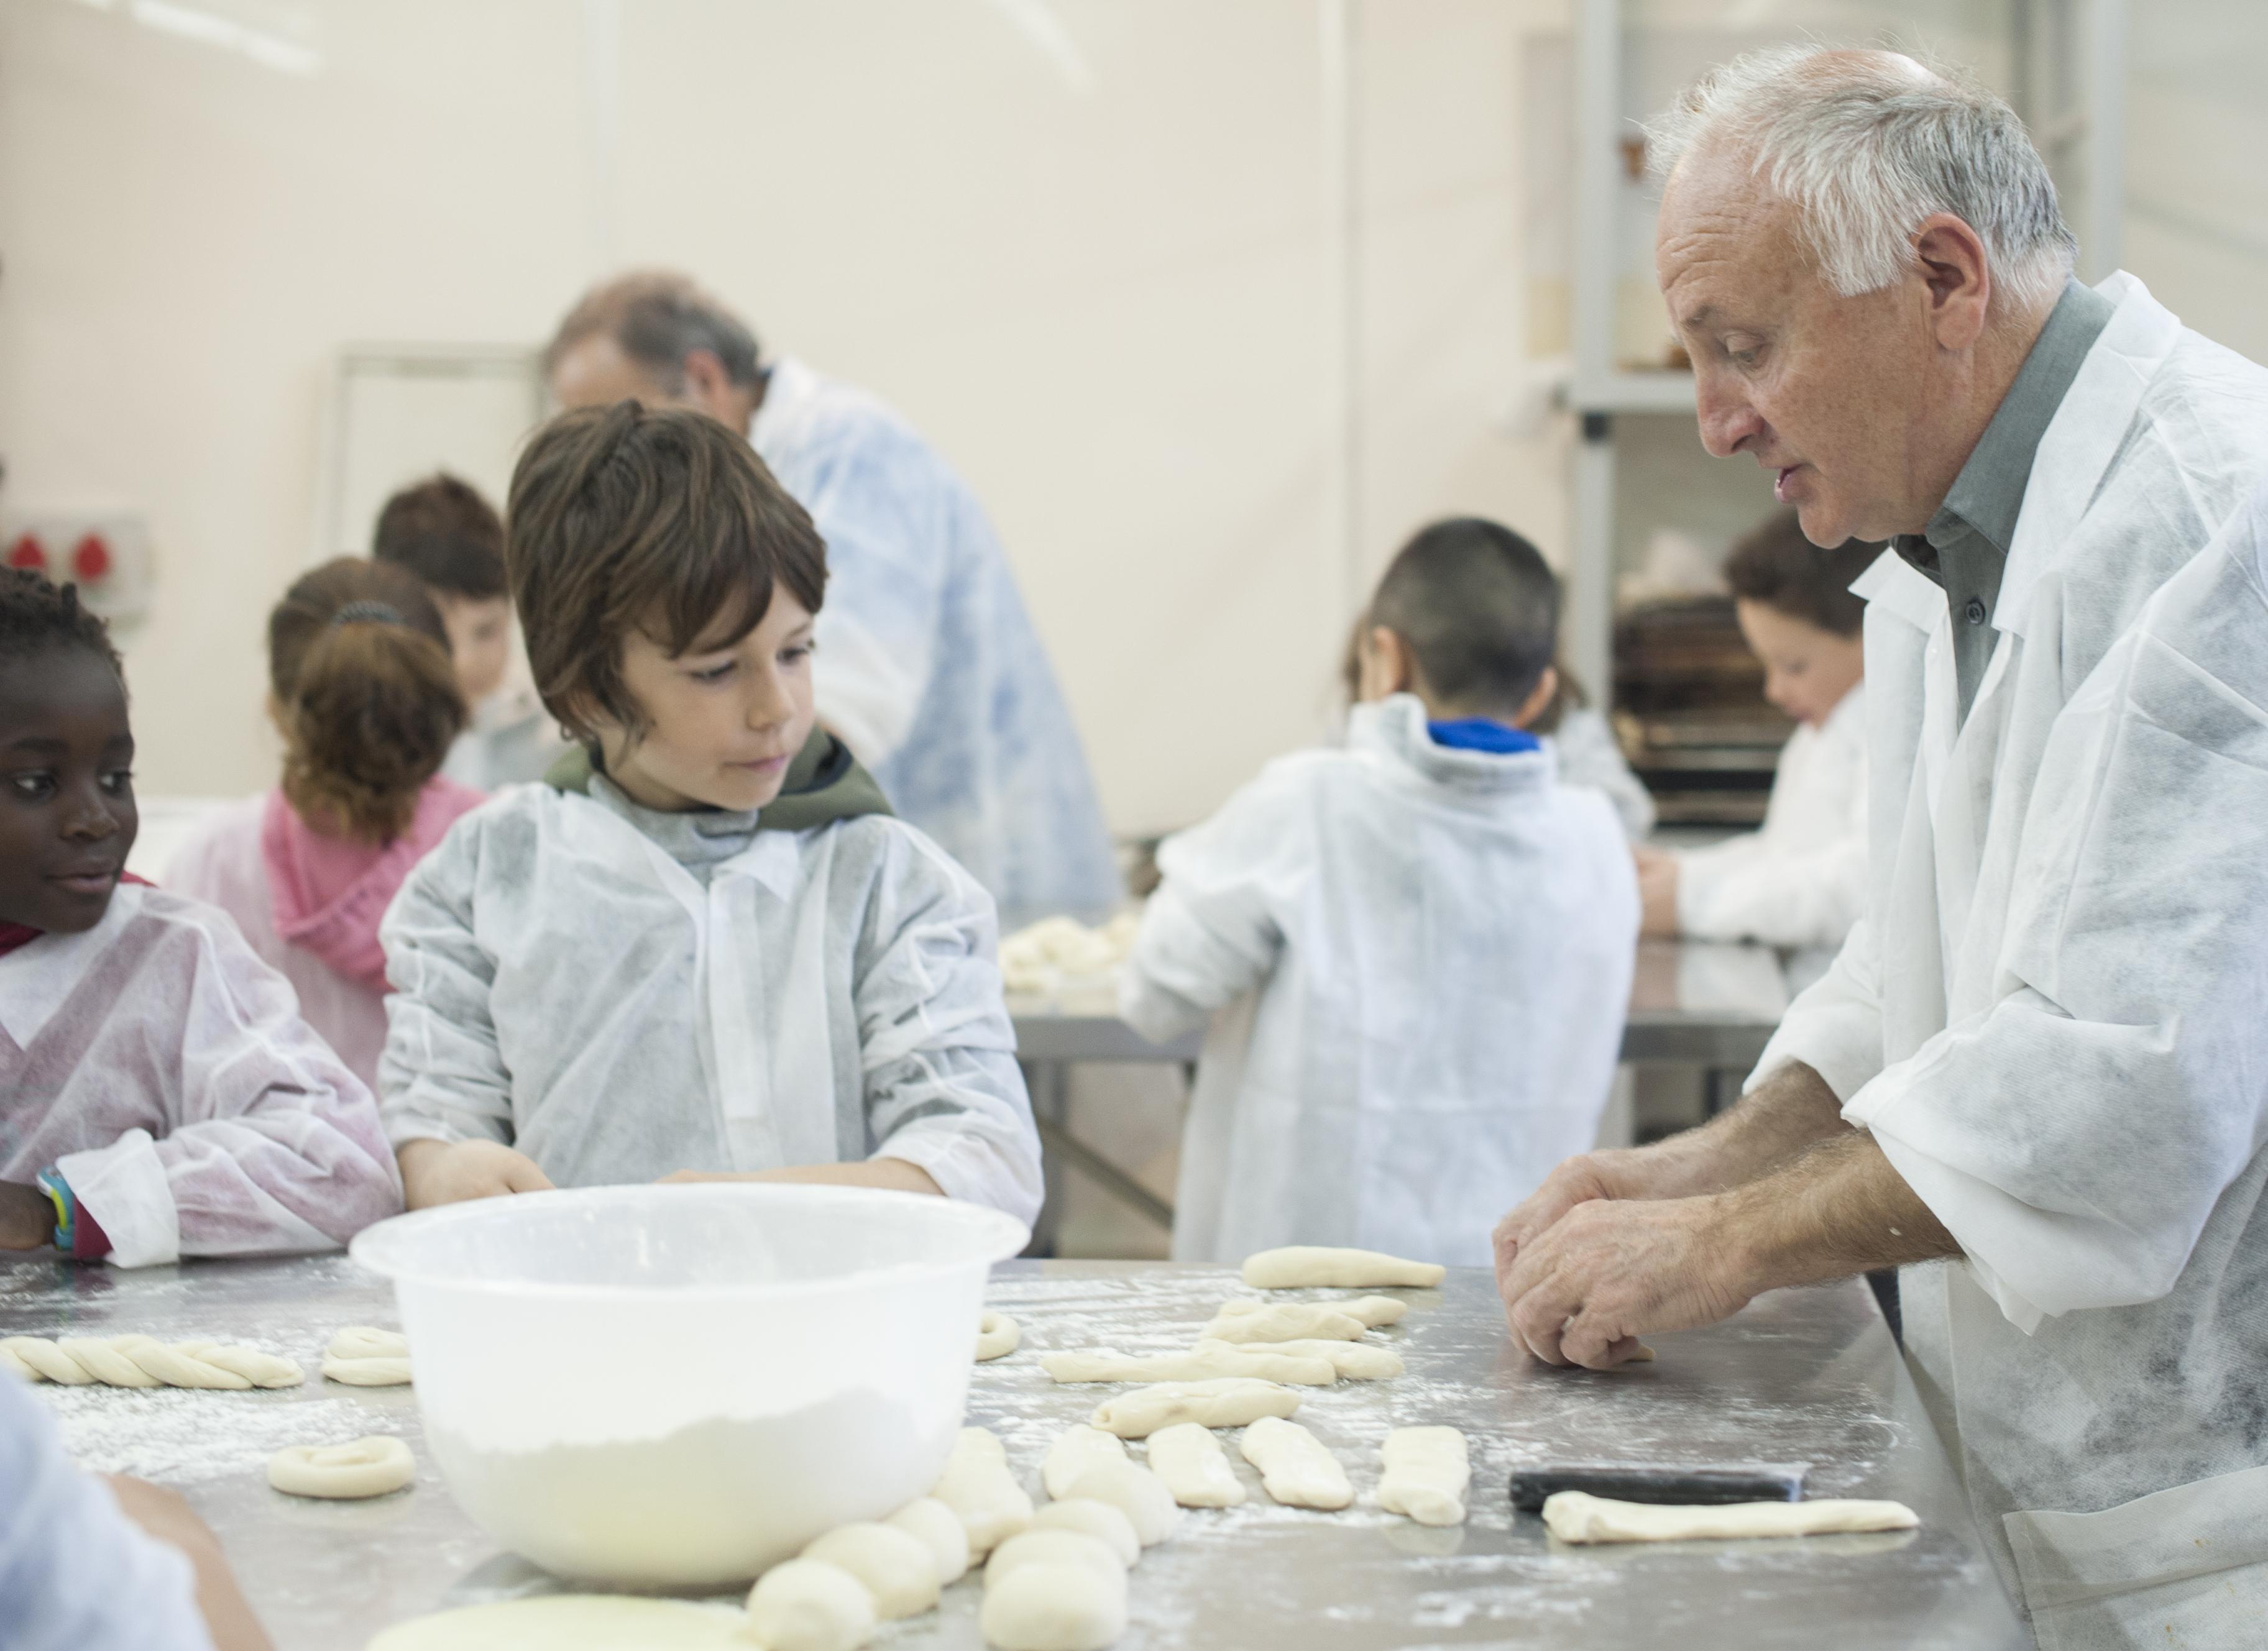 Imatge de la part pràctica del taller, a la Planta Pilot del Pa Jaume Giralt